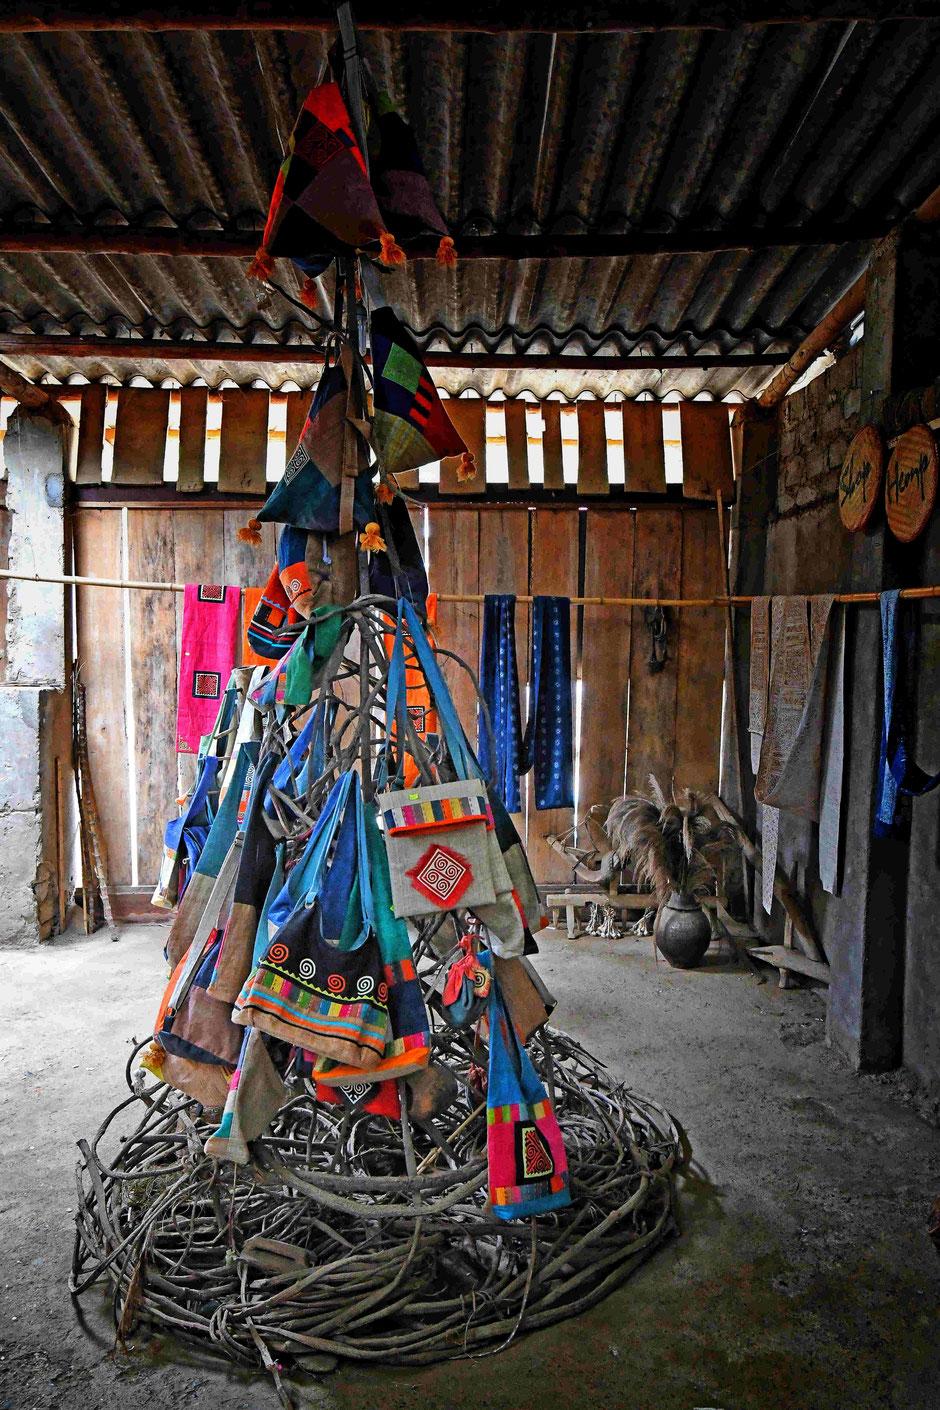 produkte_taeglischer_bedarf_leinen_leinenstoff_tolle_farben_selbsthilfeprojekt_urlaub_vietnam_nordvietnam_heike_adam